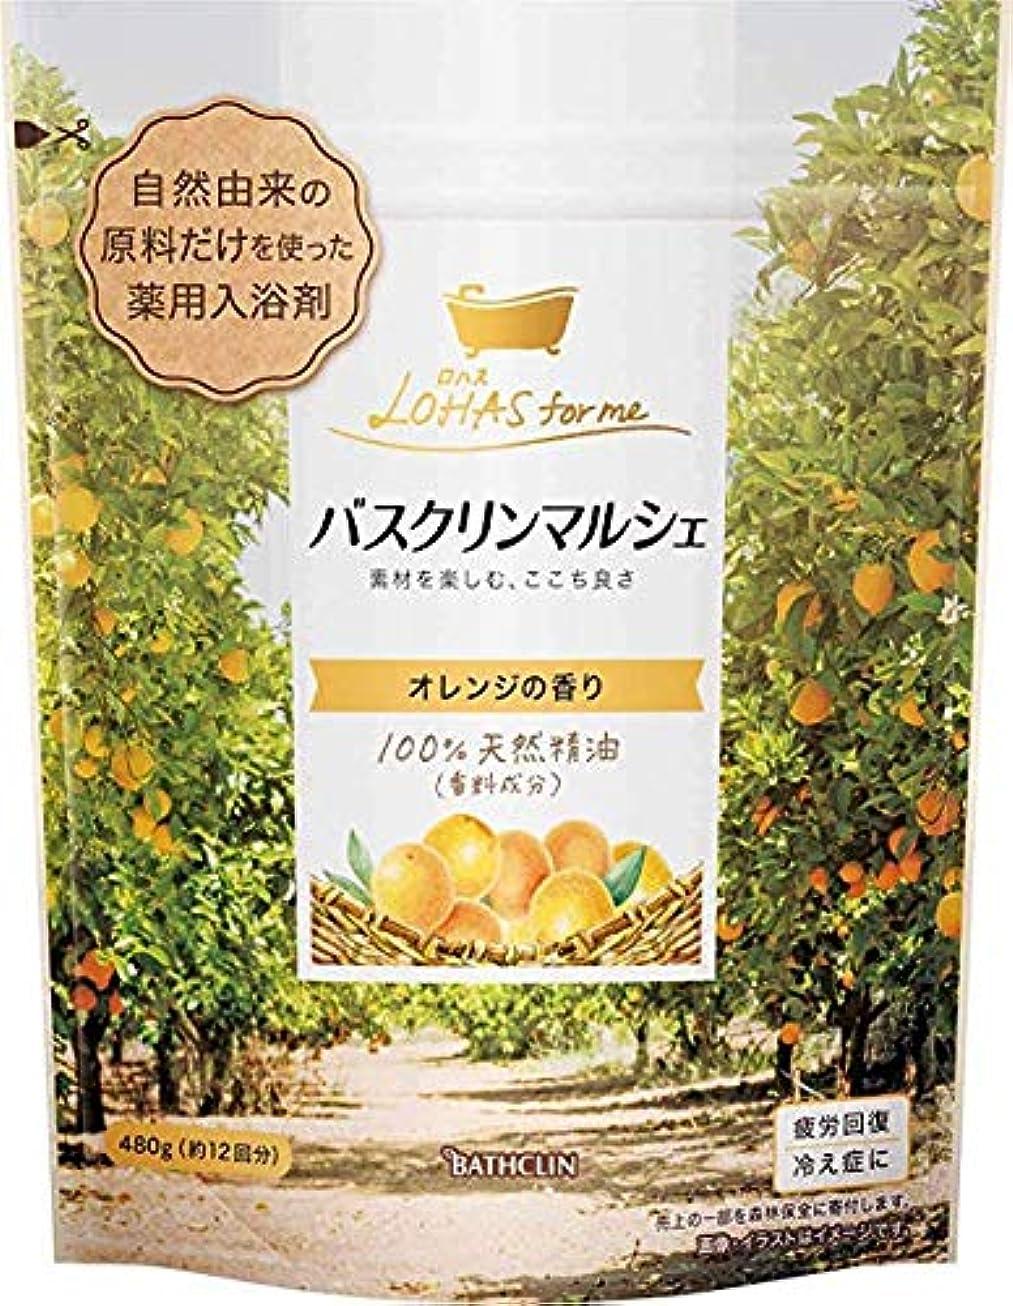 アクセサリー薄汚い好き【合成香料無添加/医薬部外品】バスクリンマルシェオレンジの香り480g入浴剤